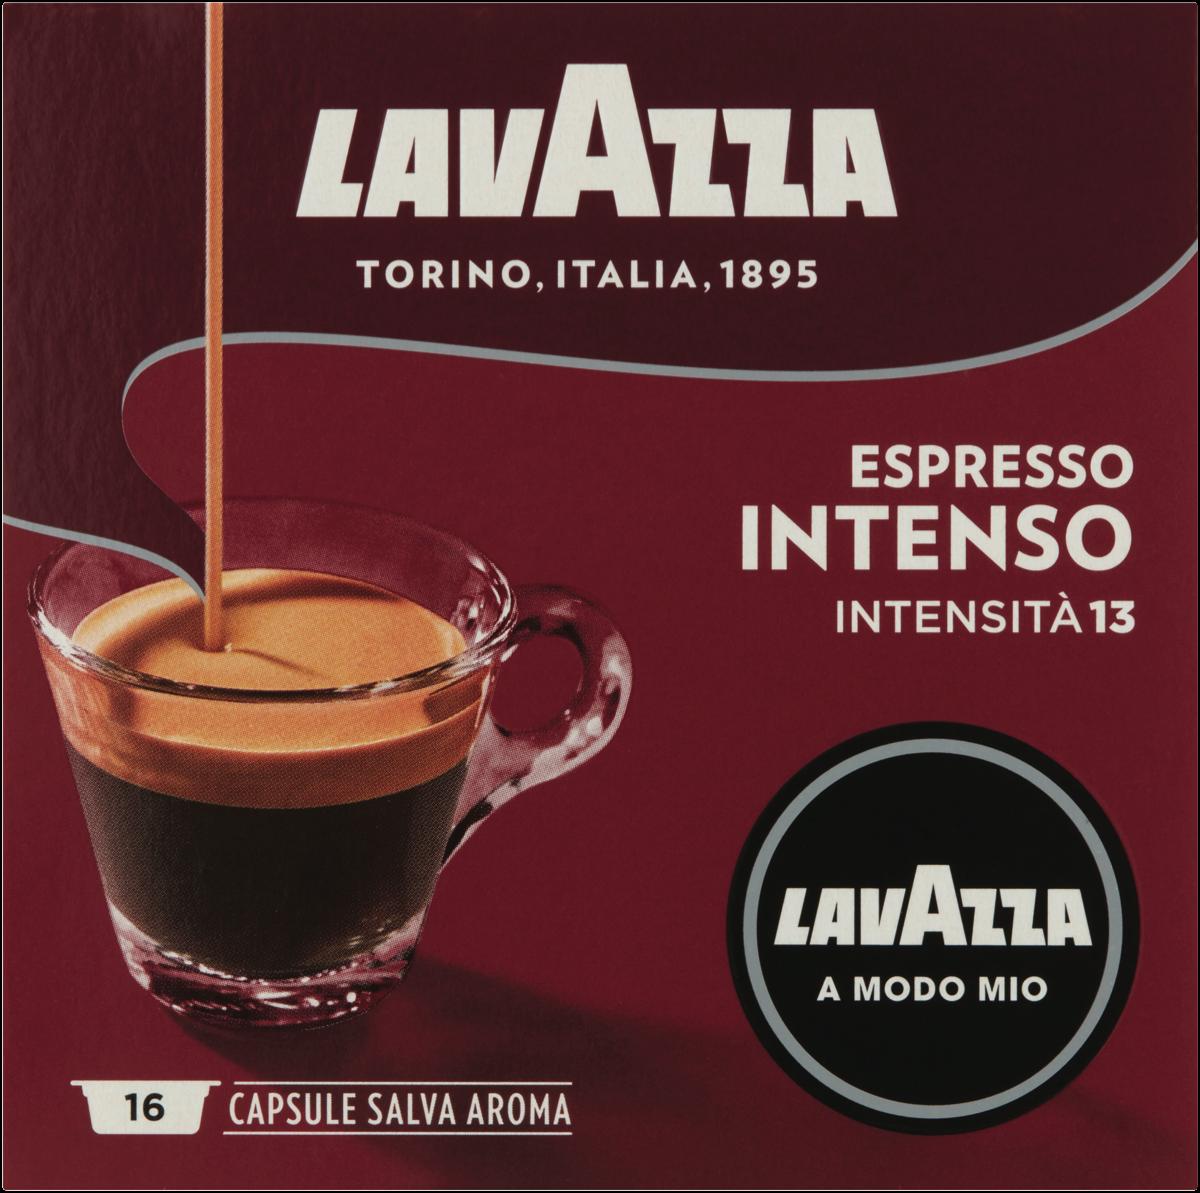 Lavazza 88602 Lavazza Intenso Coffee Capsules 16 Pk at The ...